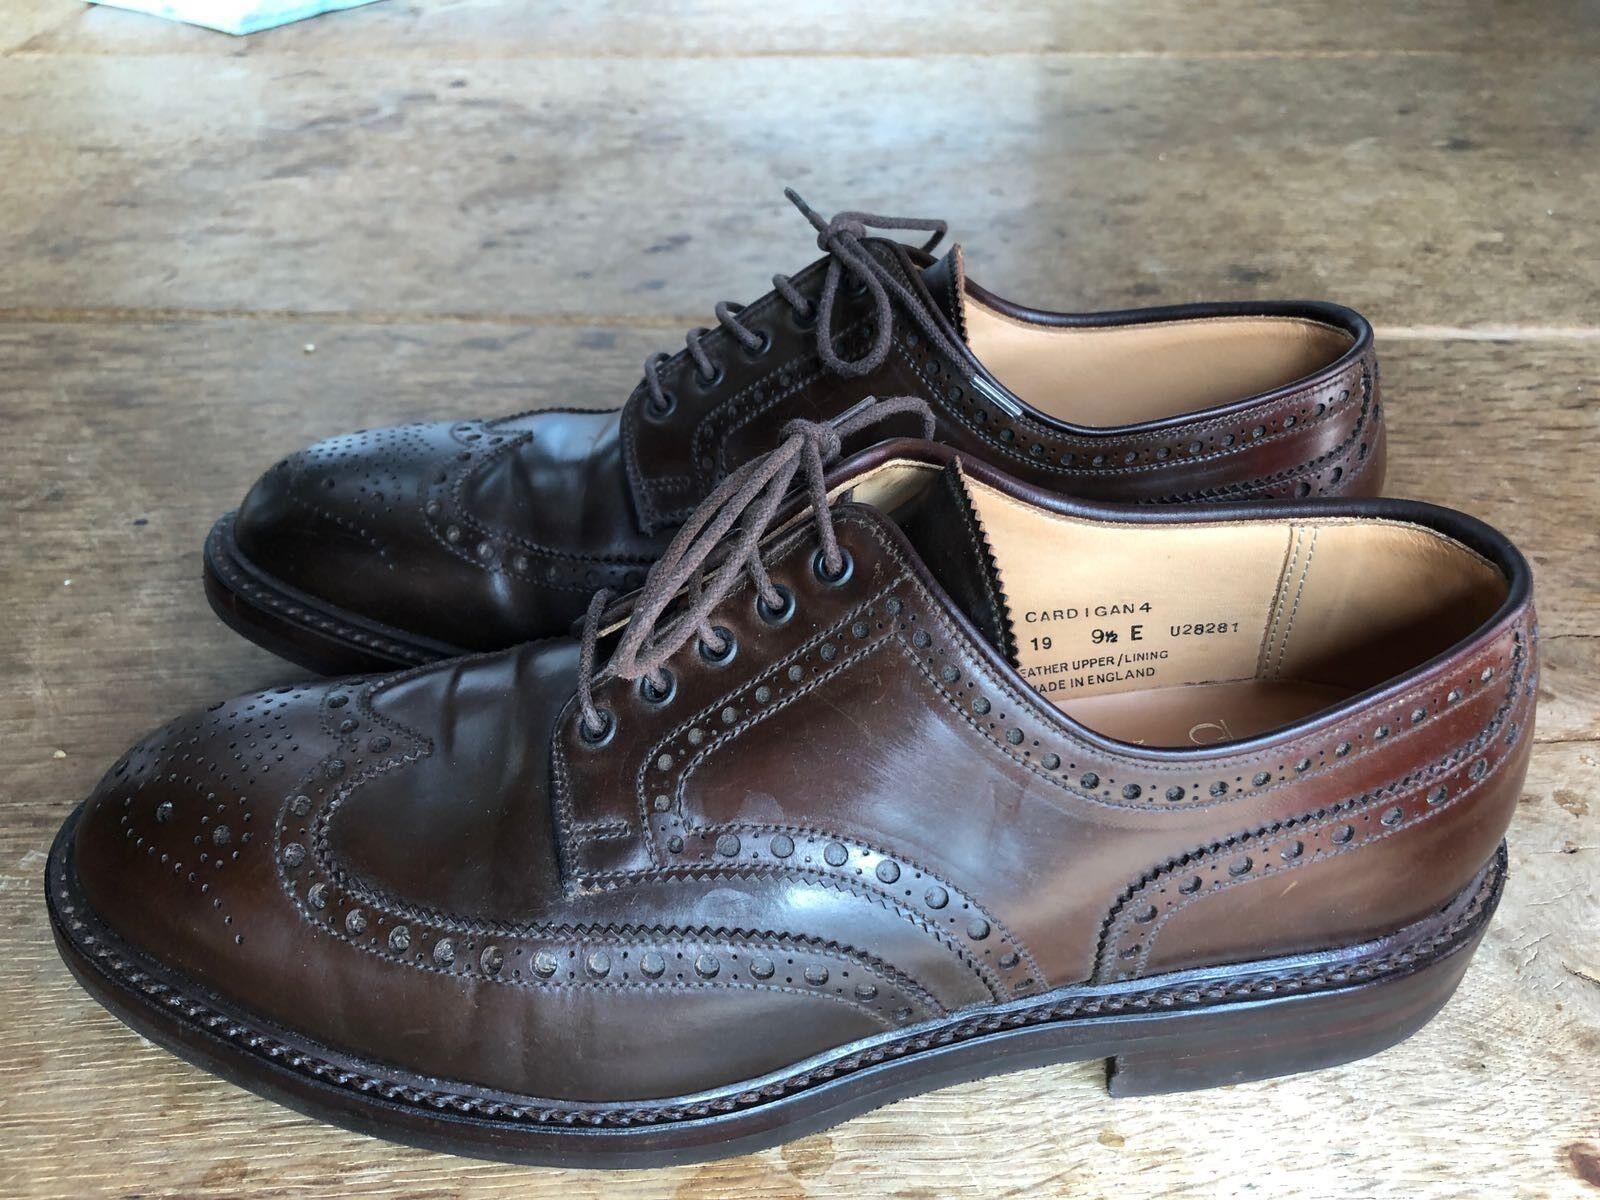 CROCKETT & Jones Cardigan 4 calata in pelle scarpe fatte a mano da uomo Cordovan 9.5 e 44